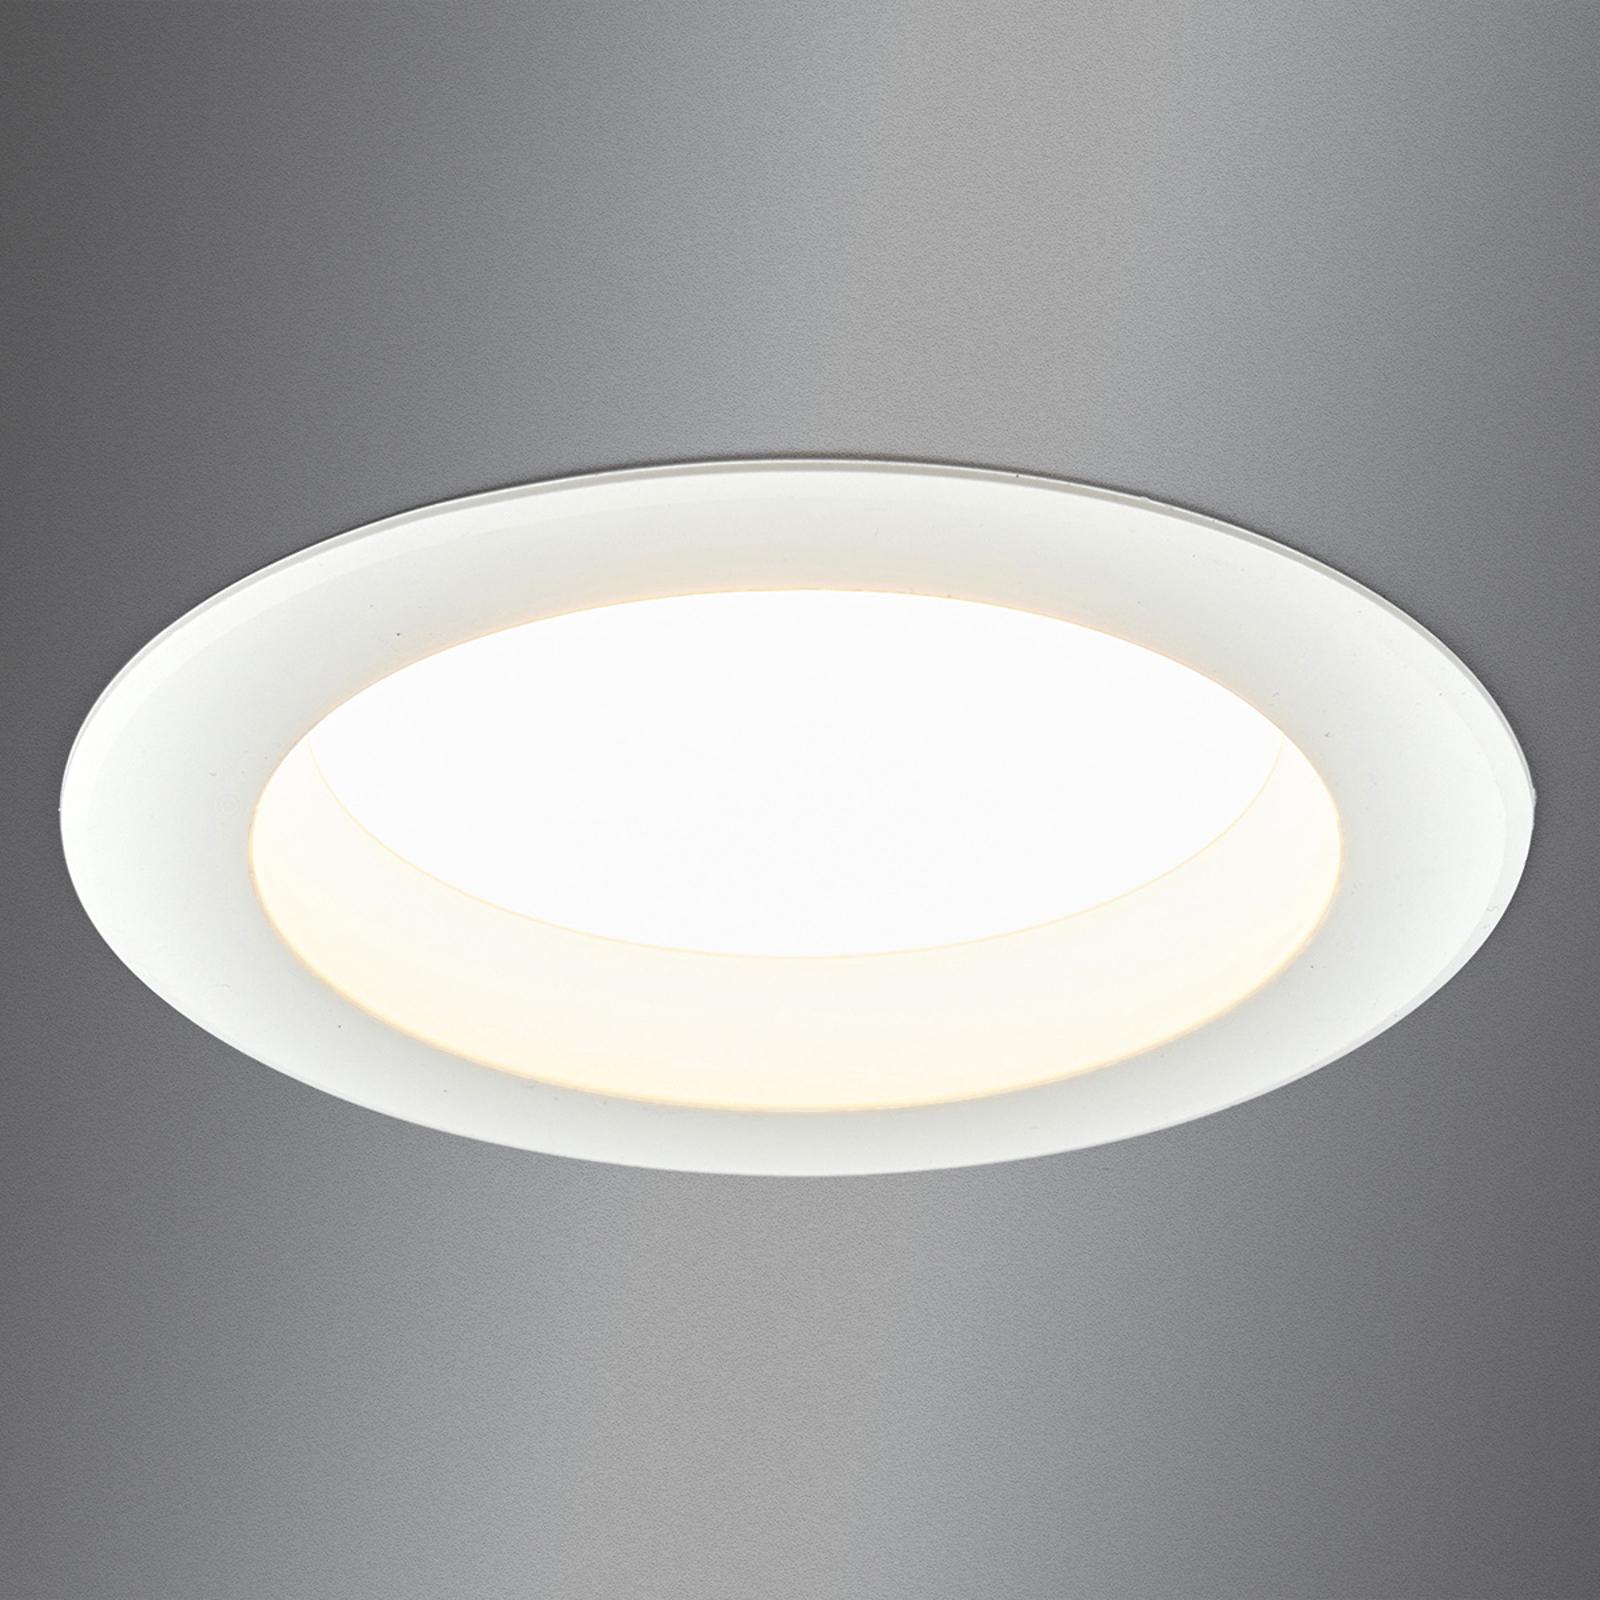 Arian - LED-inbyggd spot i vitt, 14,5cm 12.5W